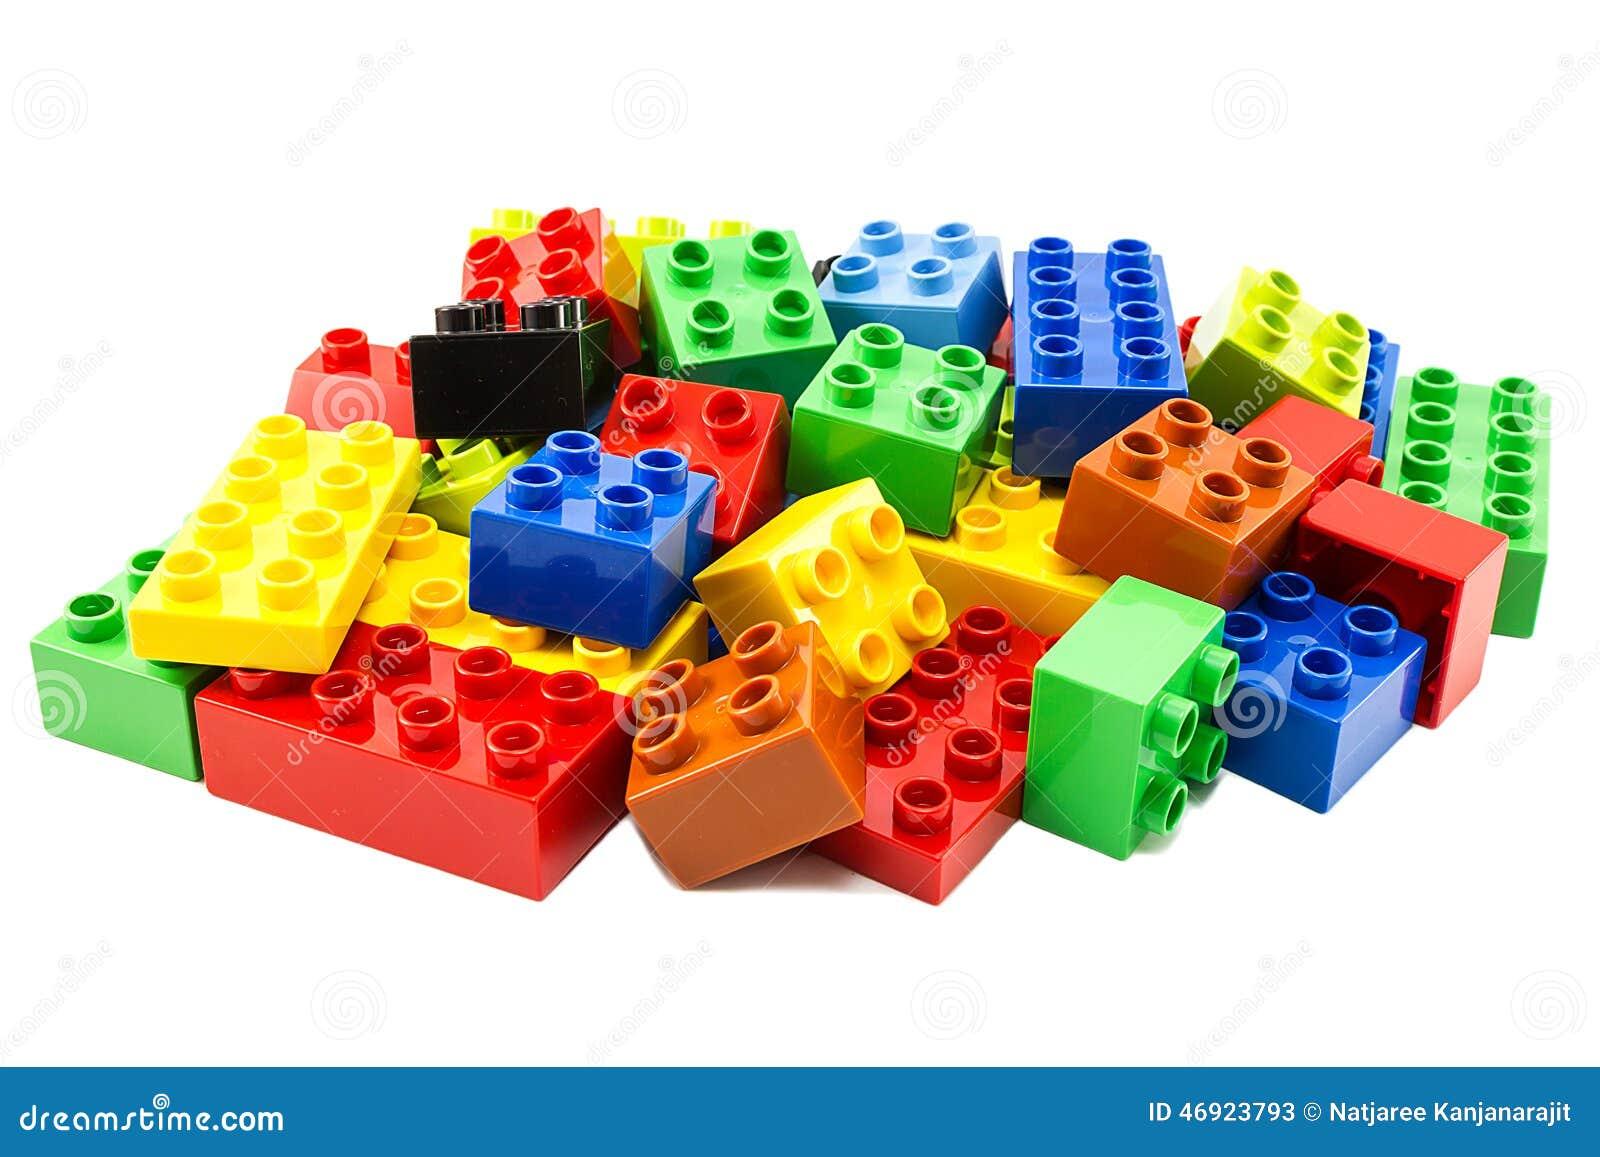 Juguete que construye bloques coloridos